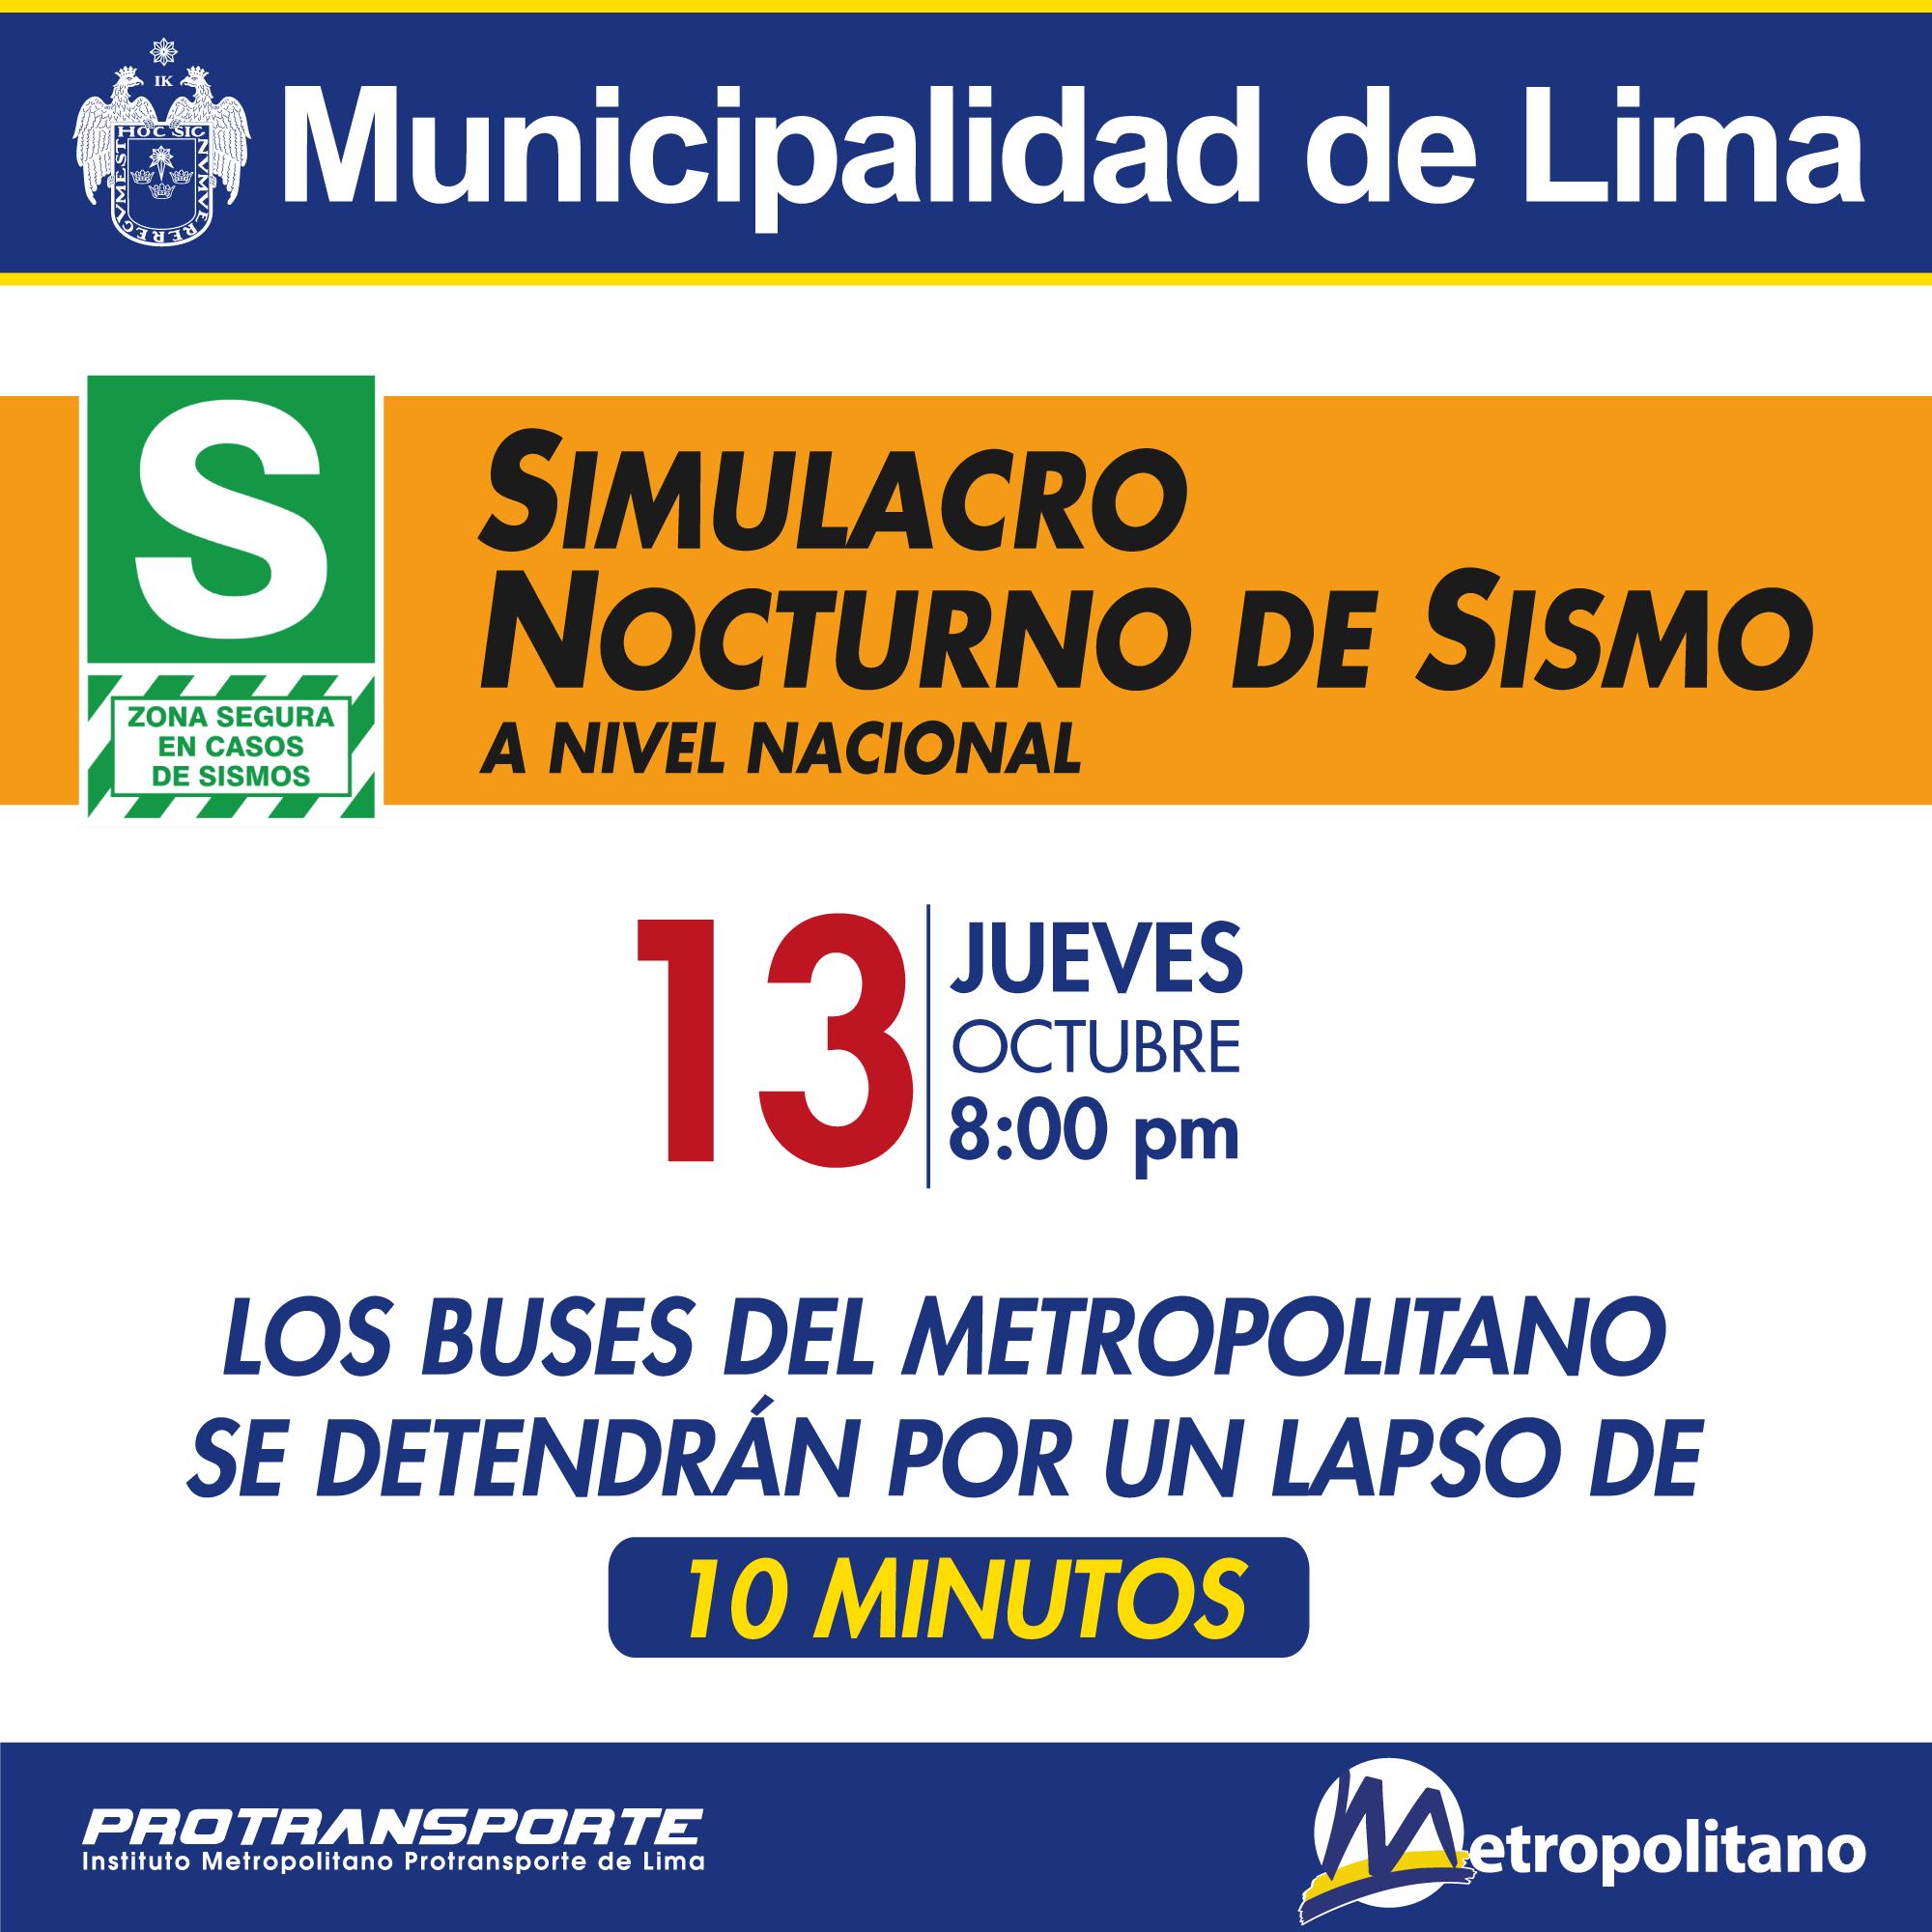 SIMULACRO-NOCTURNO-DE-SISMO_JUEVES-13-OCT-2016